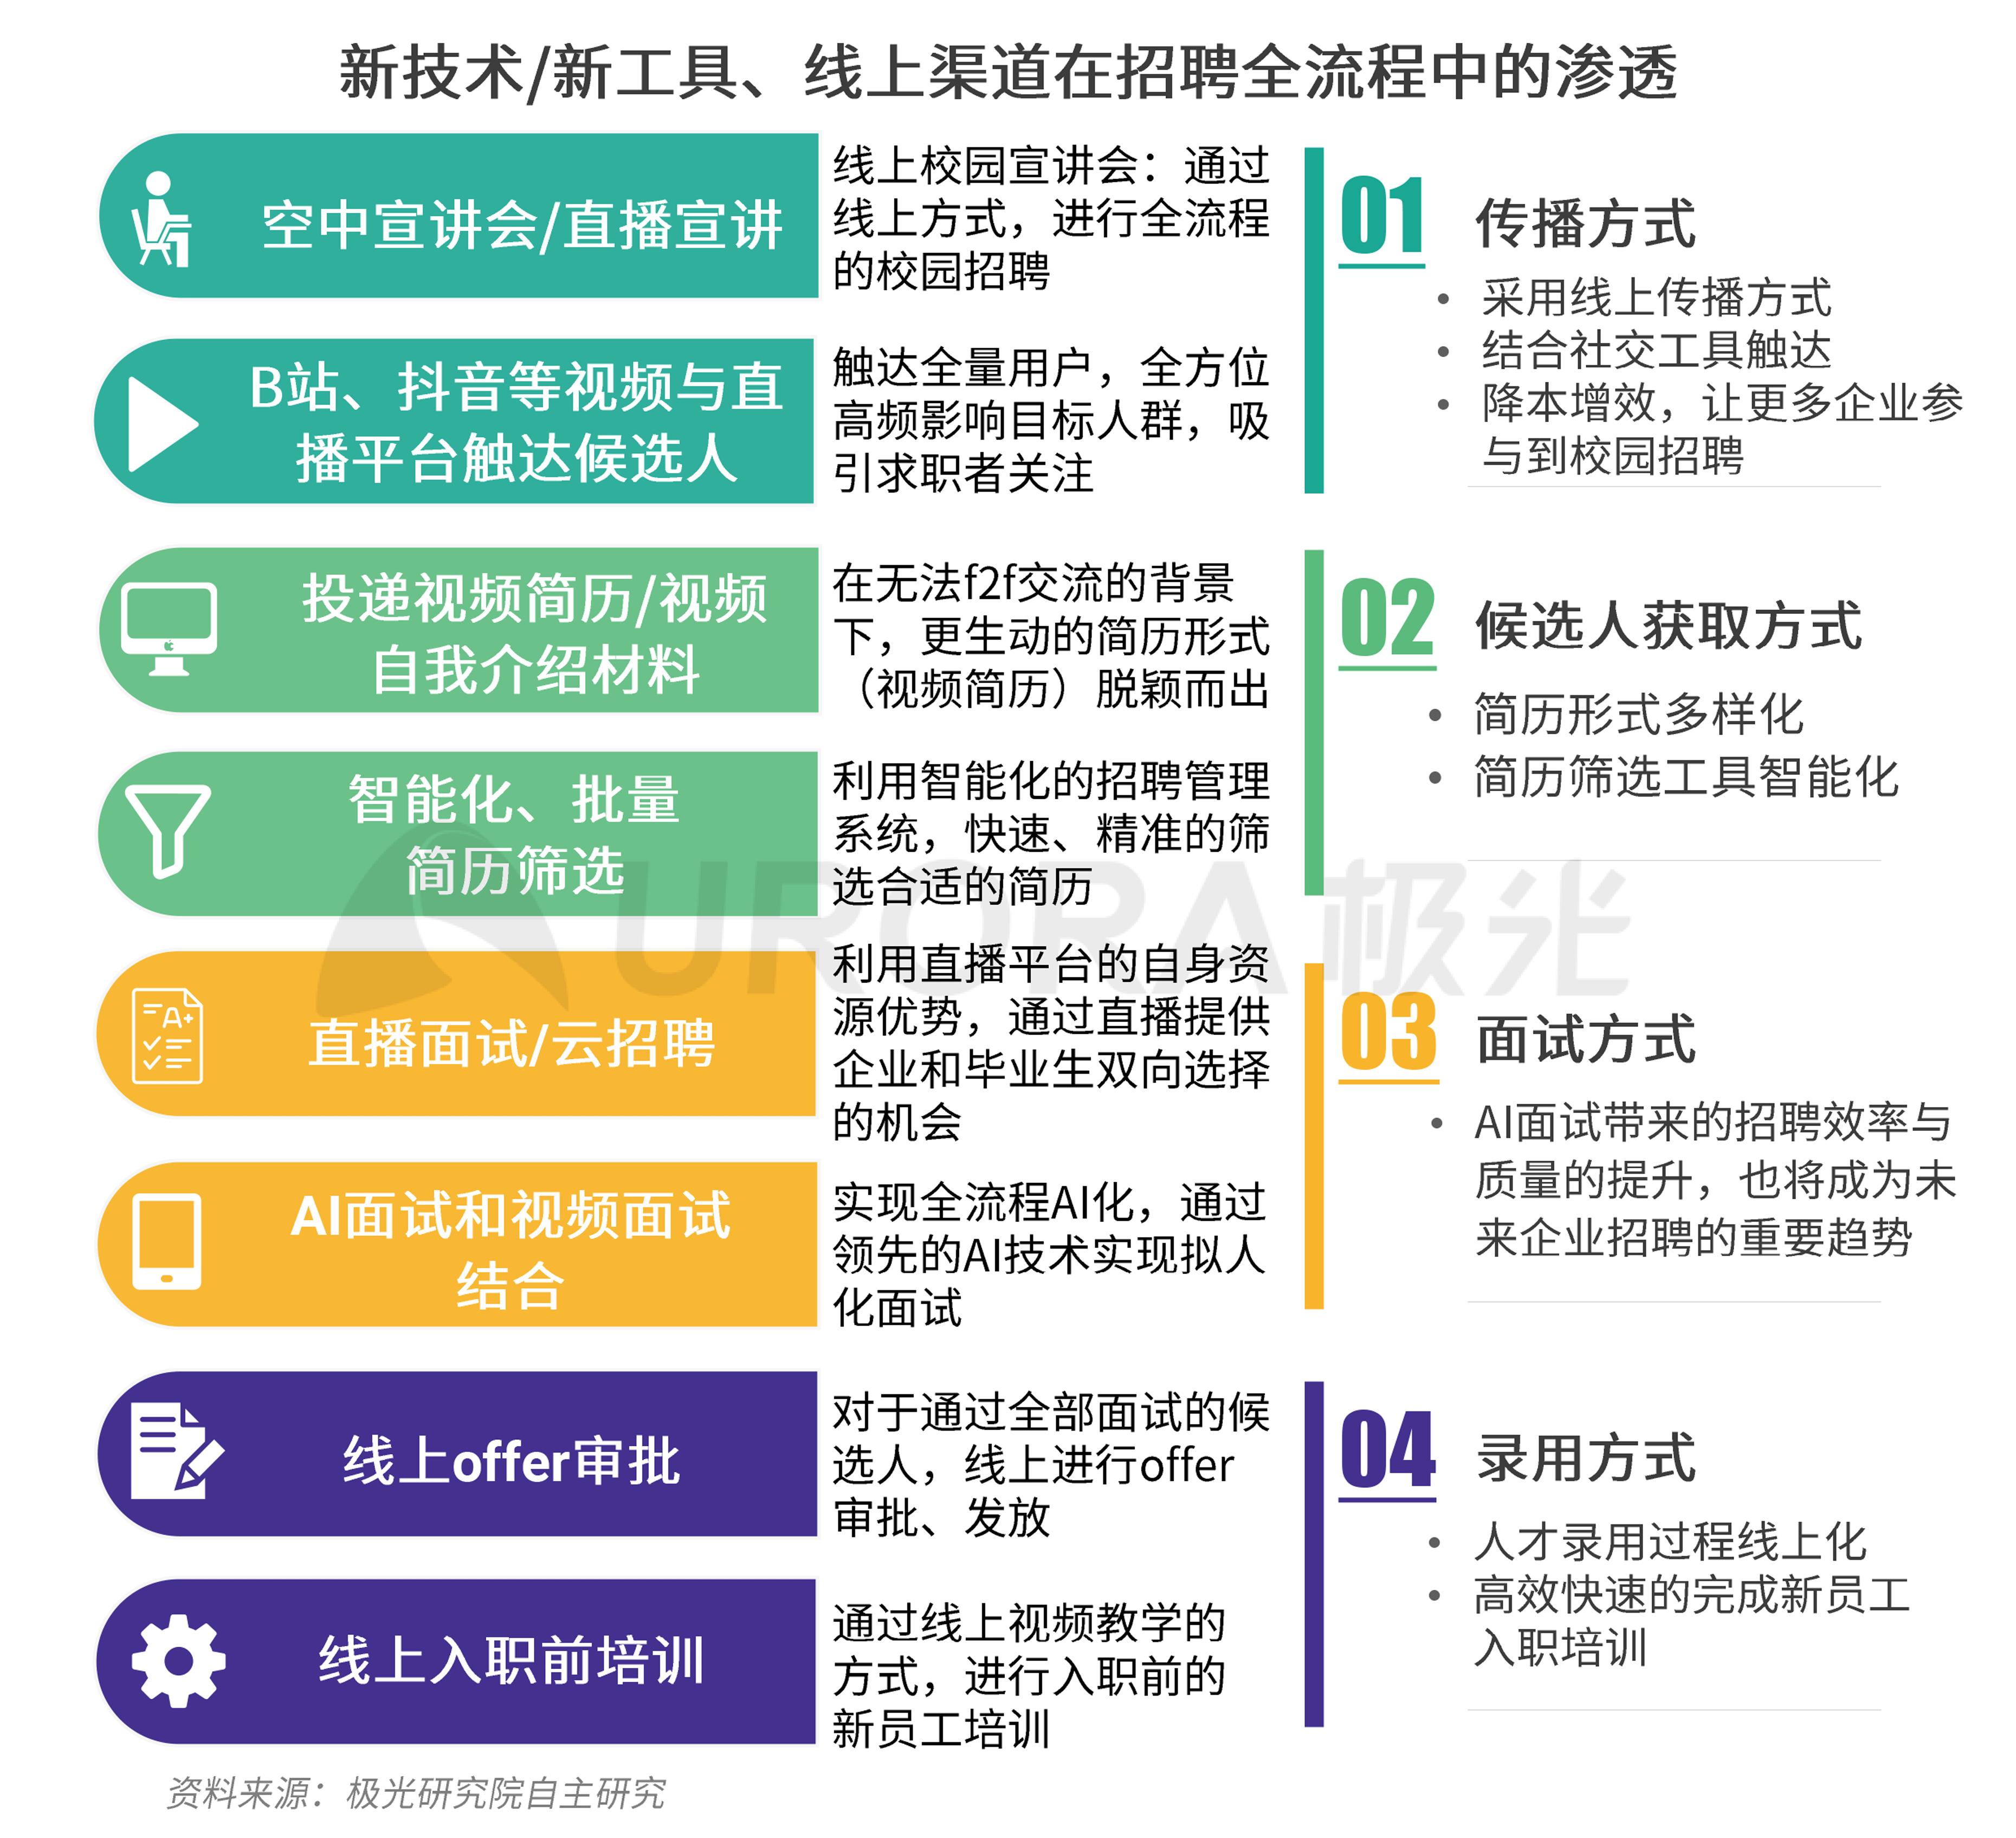 """""""超职季""""招聘行业报告-企业篇(1)-15.png"""